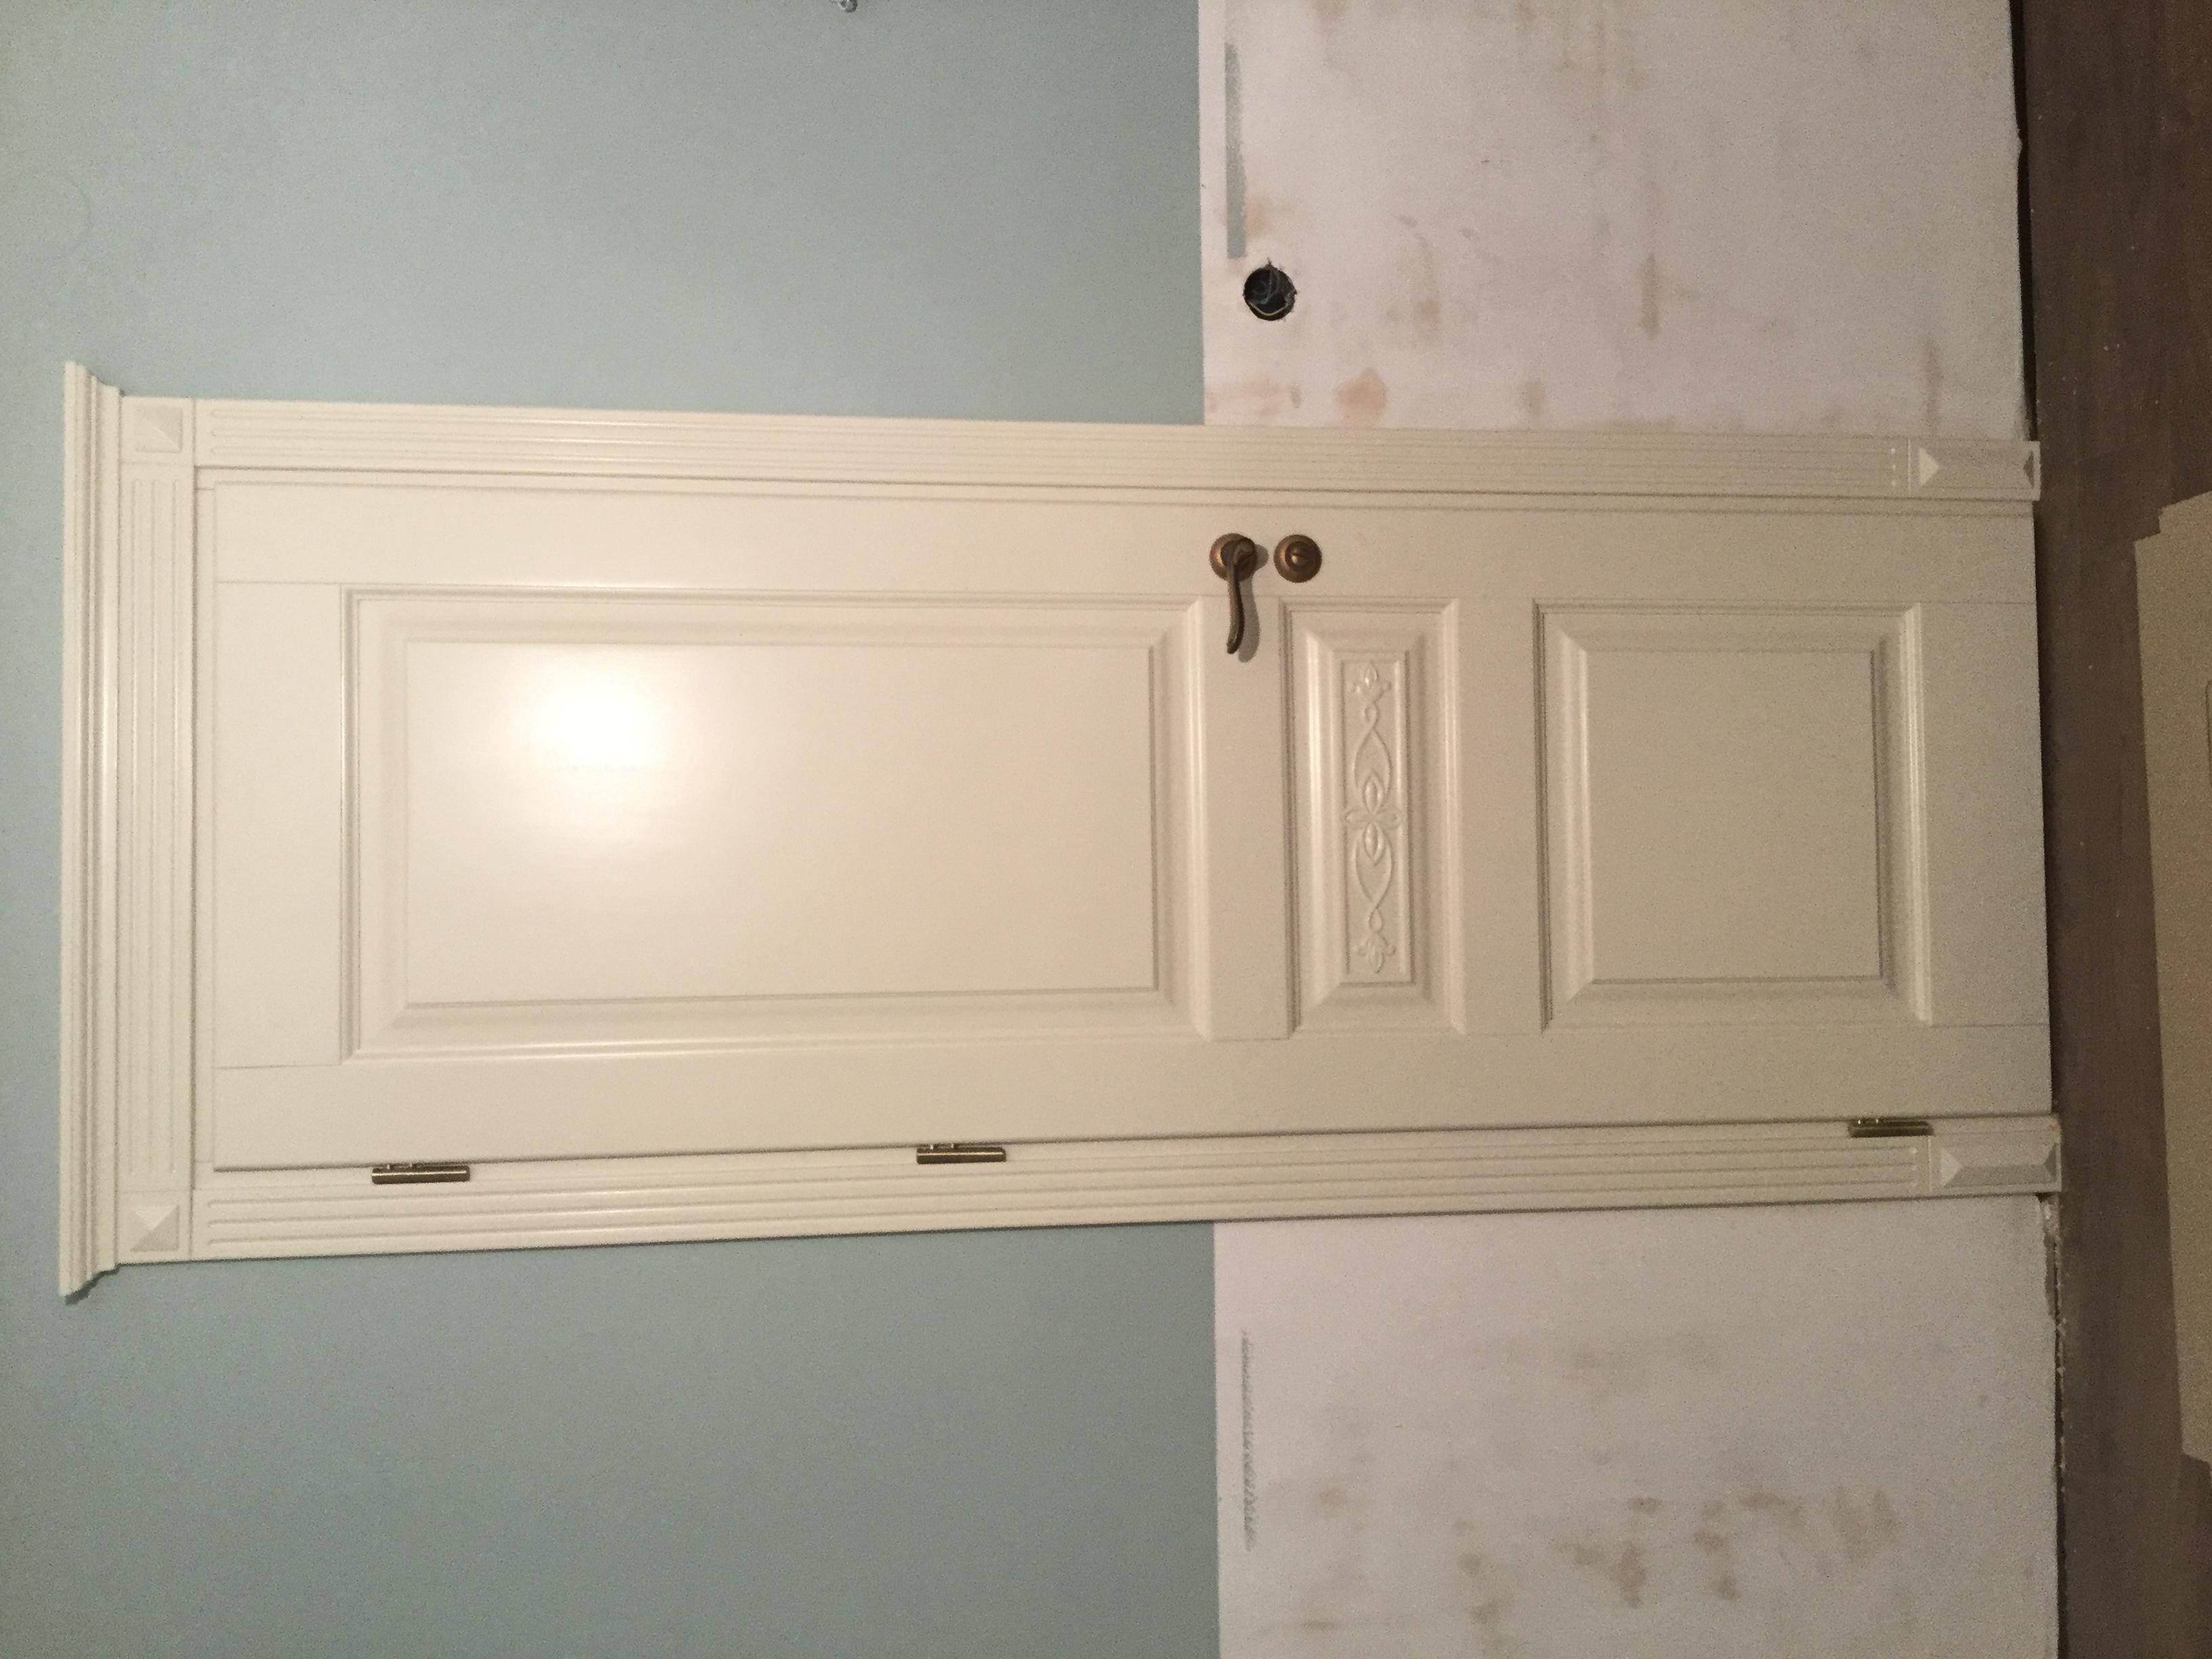 міжкімнатні деревяні двері двері арки продам 38 оголошень